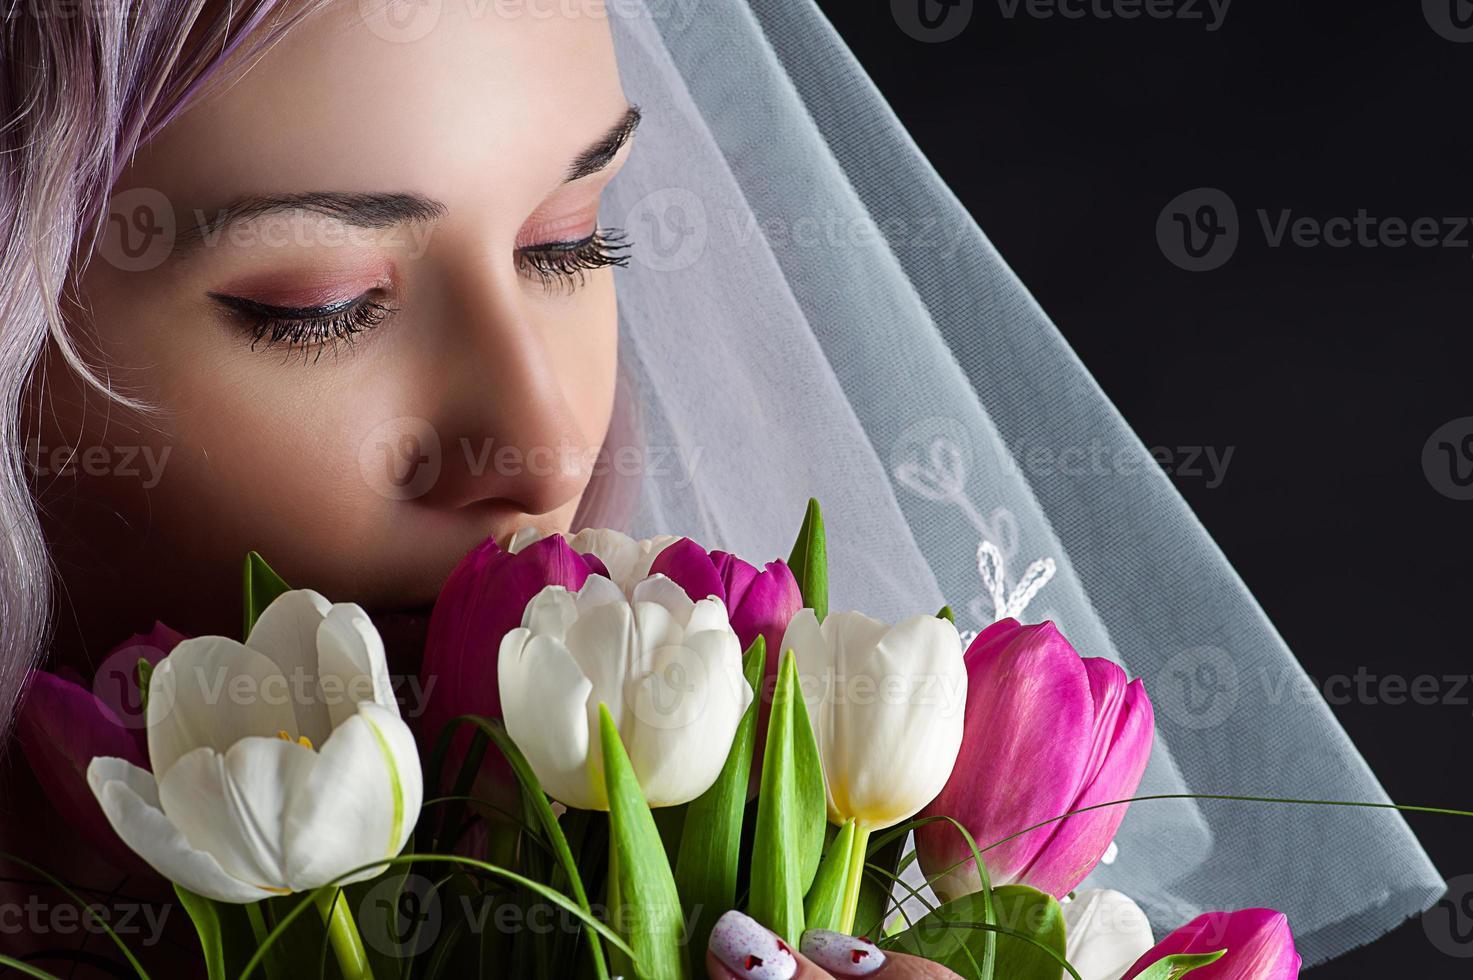 mooie vrouw gezicht met een boeket tulpen foto